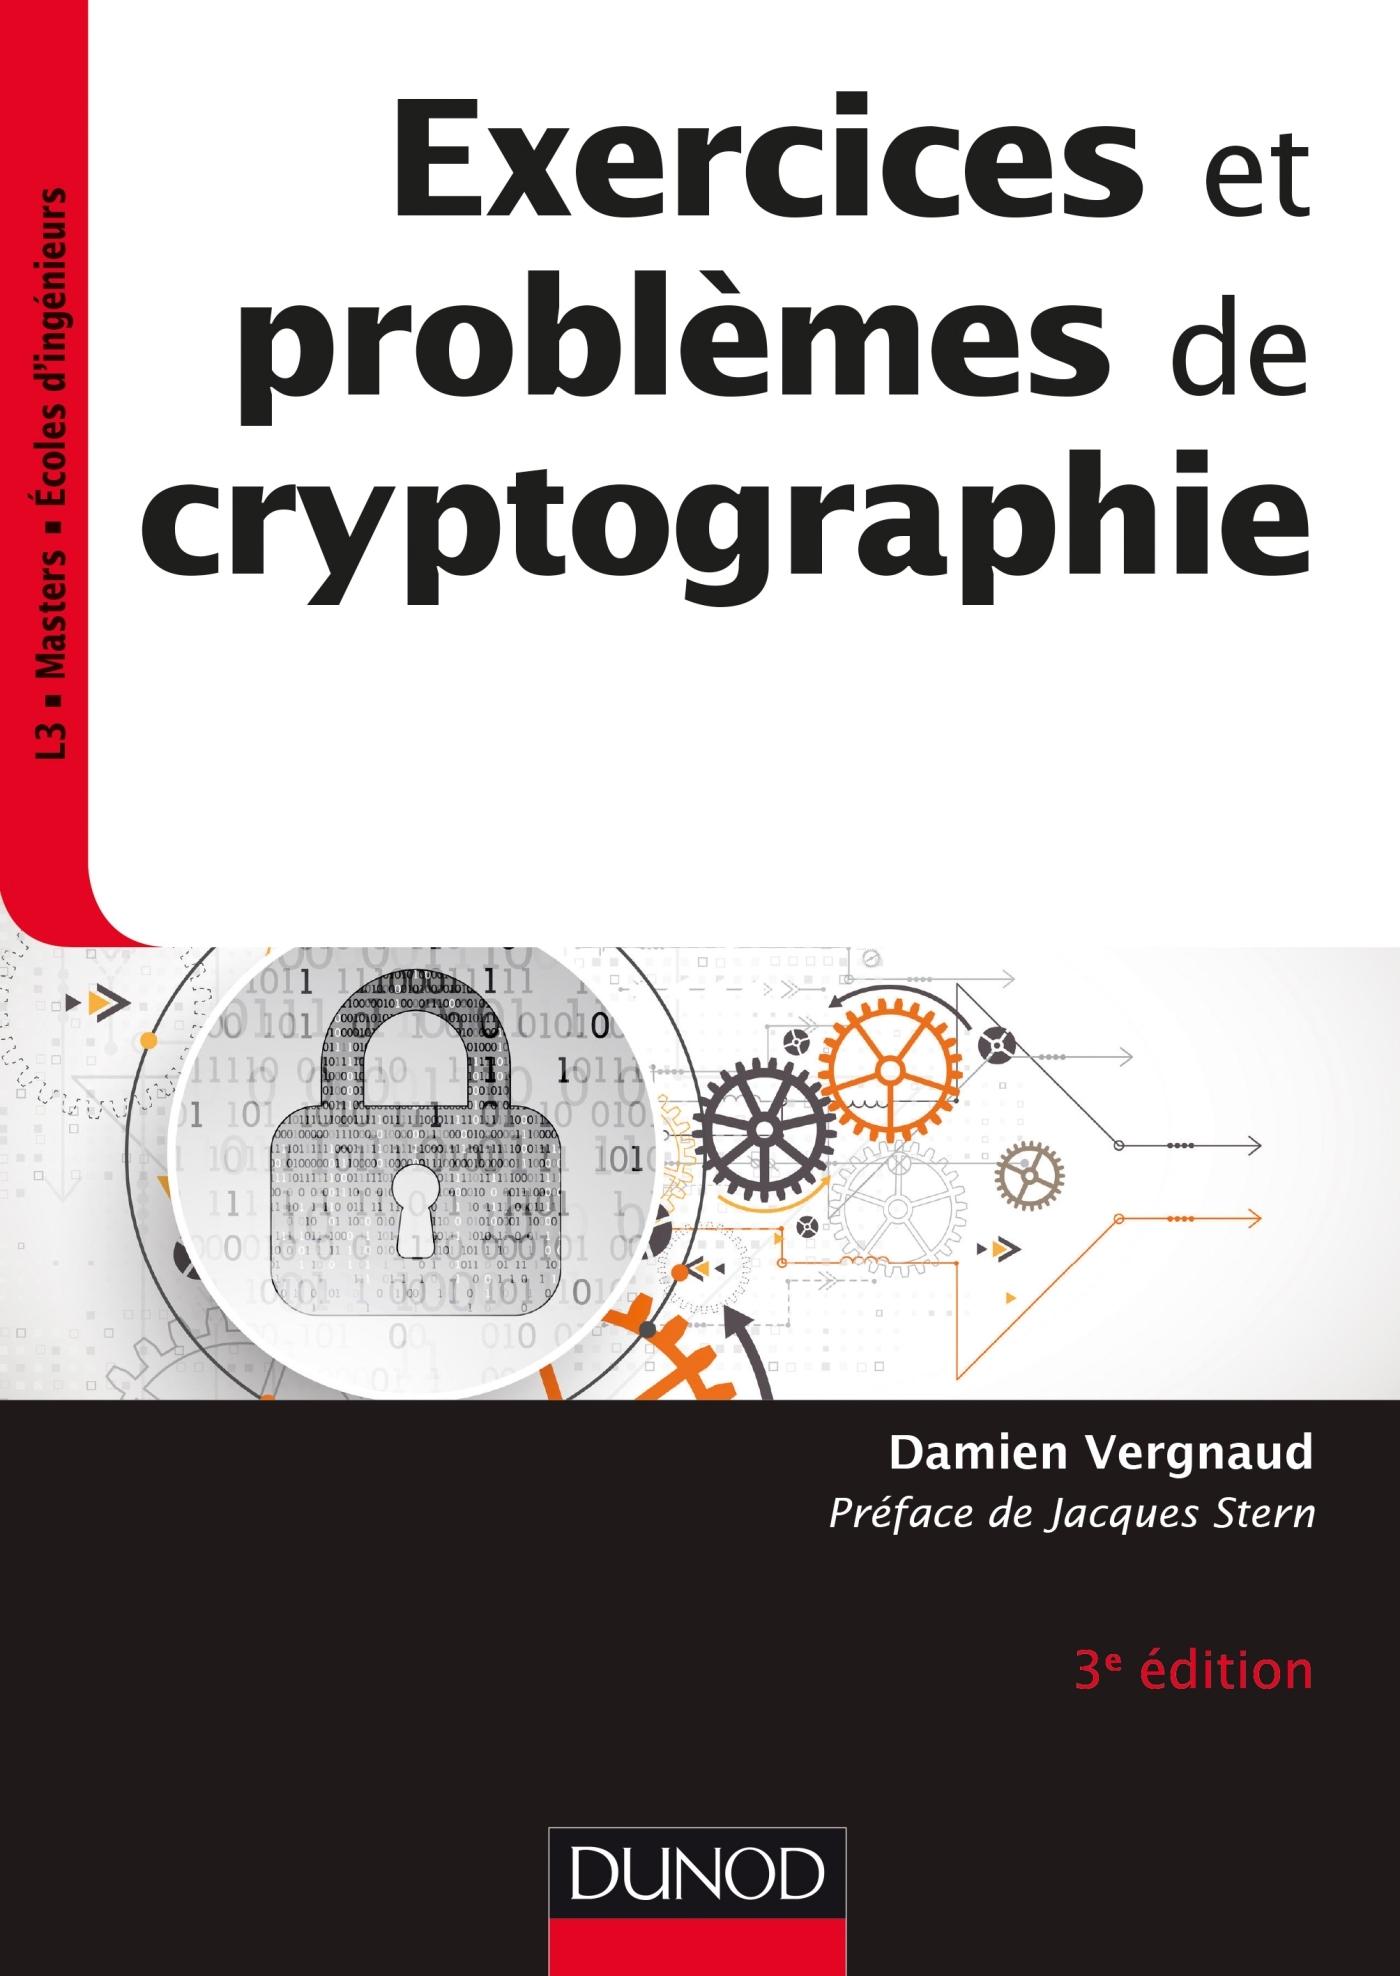 EXERCICES ET PROBLEMES DE CRYPTOGRAPHIE - 3E ED